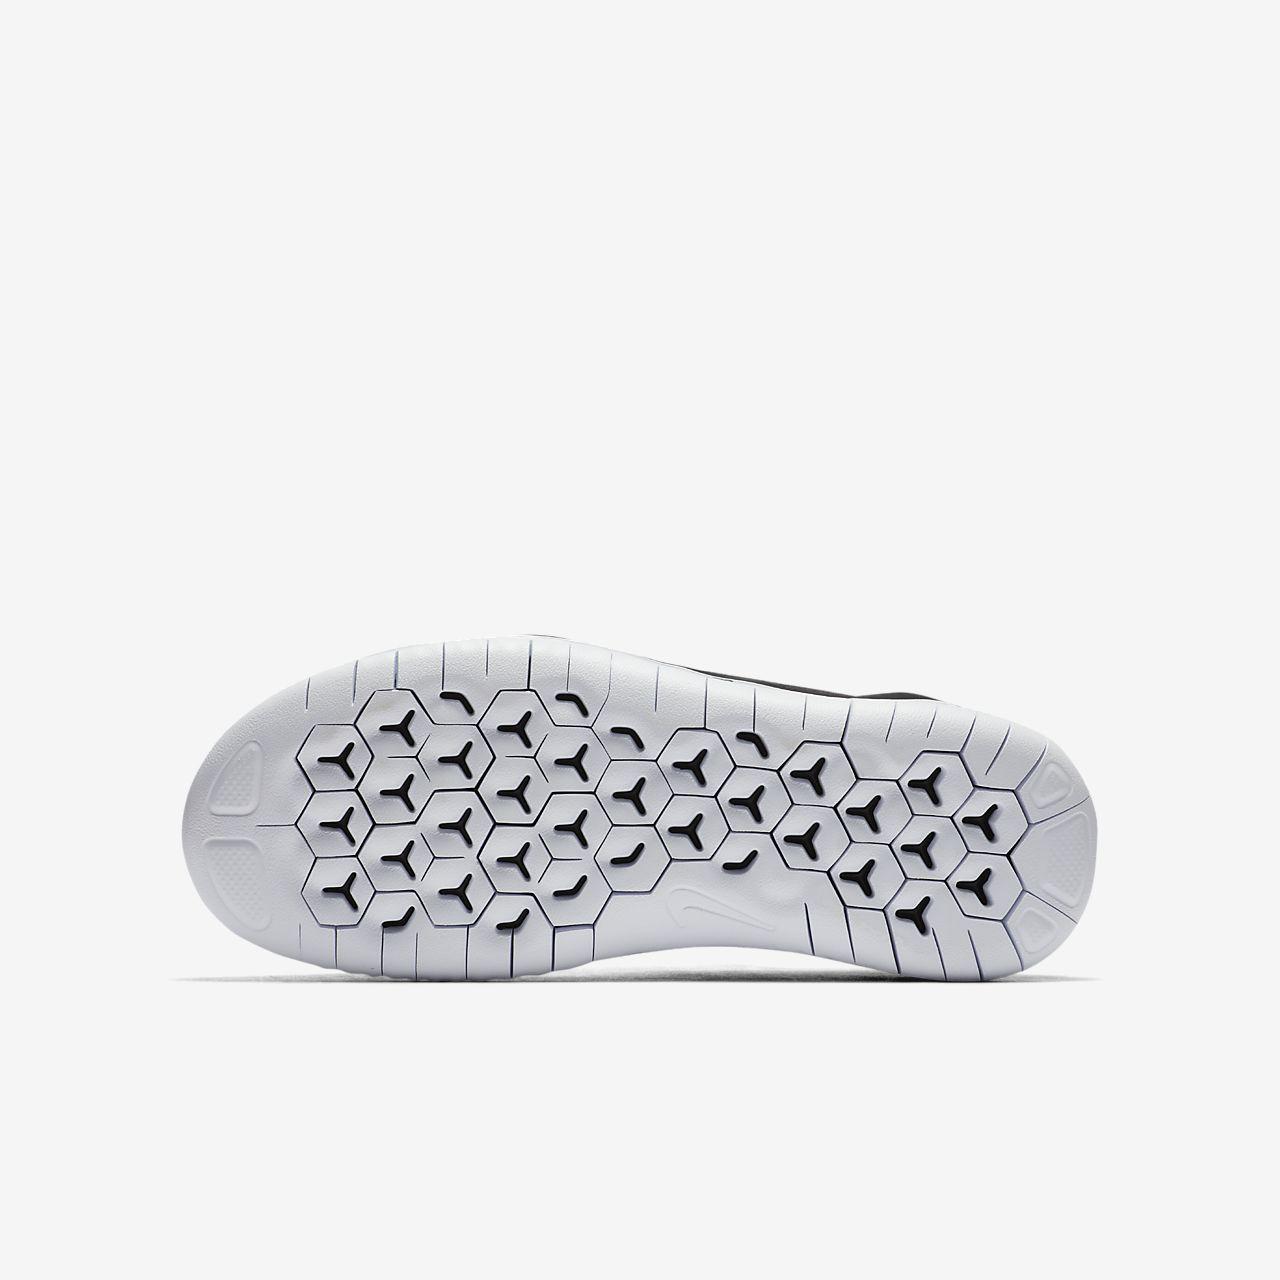 ... Nike Free RN 2018 Big Kids' Running Shoe